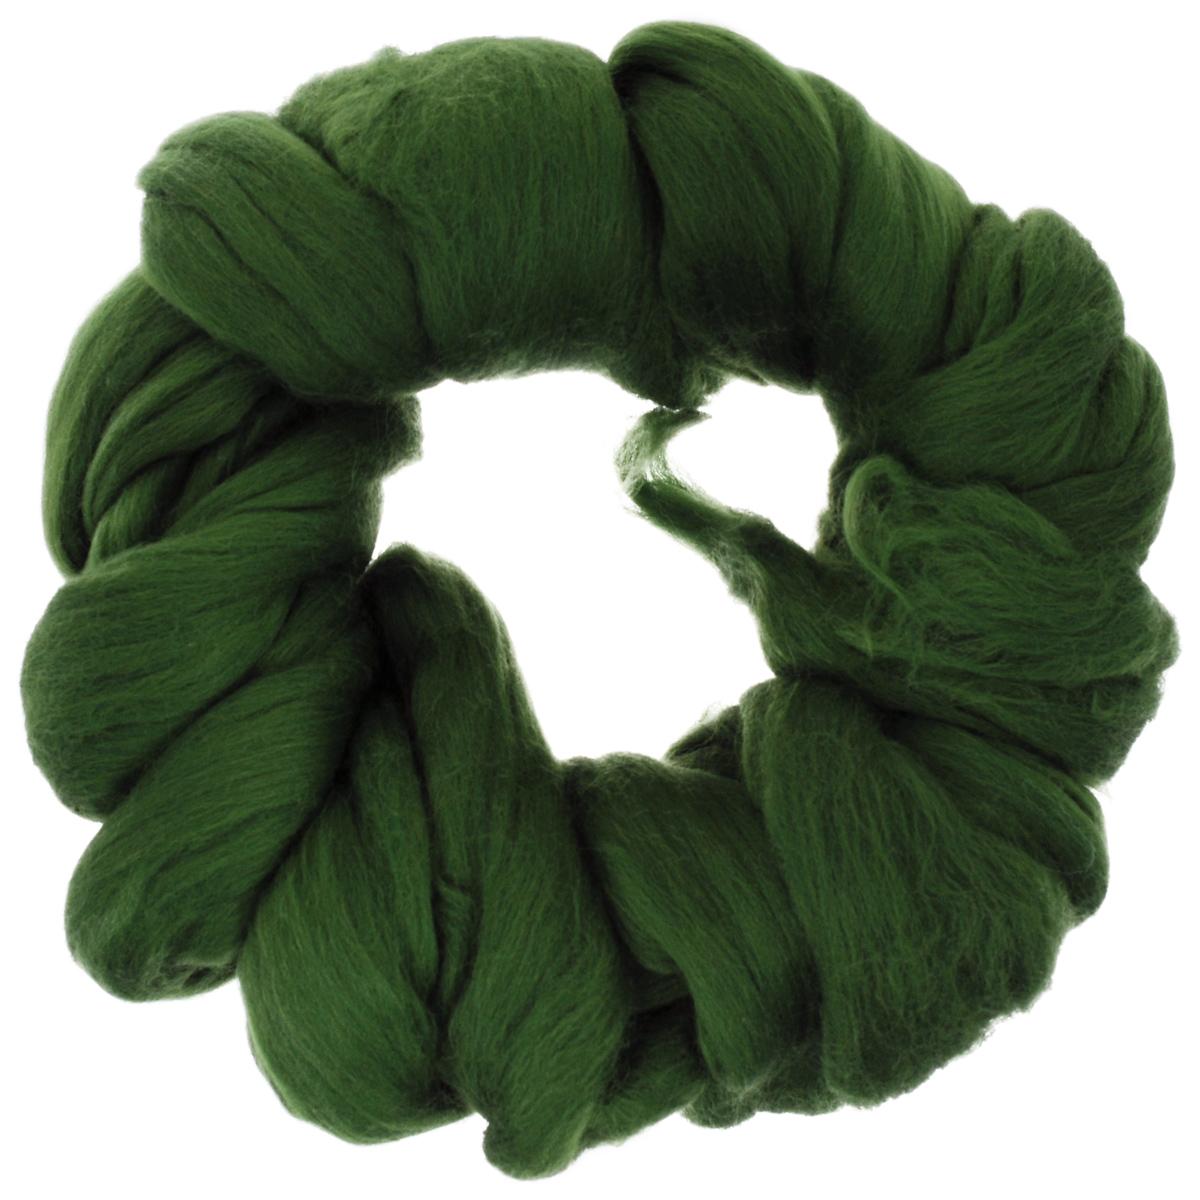 Шерсть для валяния Астра, тонкая, цвет: морские водоросли (1384), 100 г366137_1384